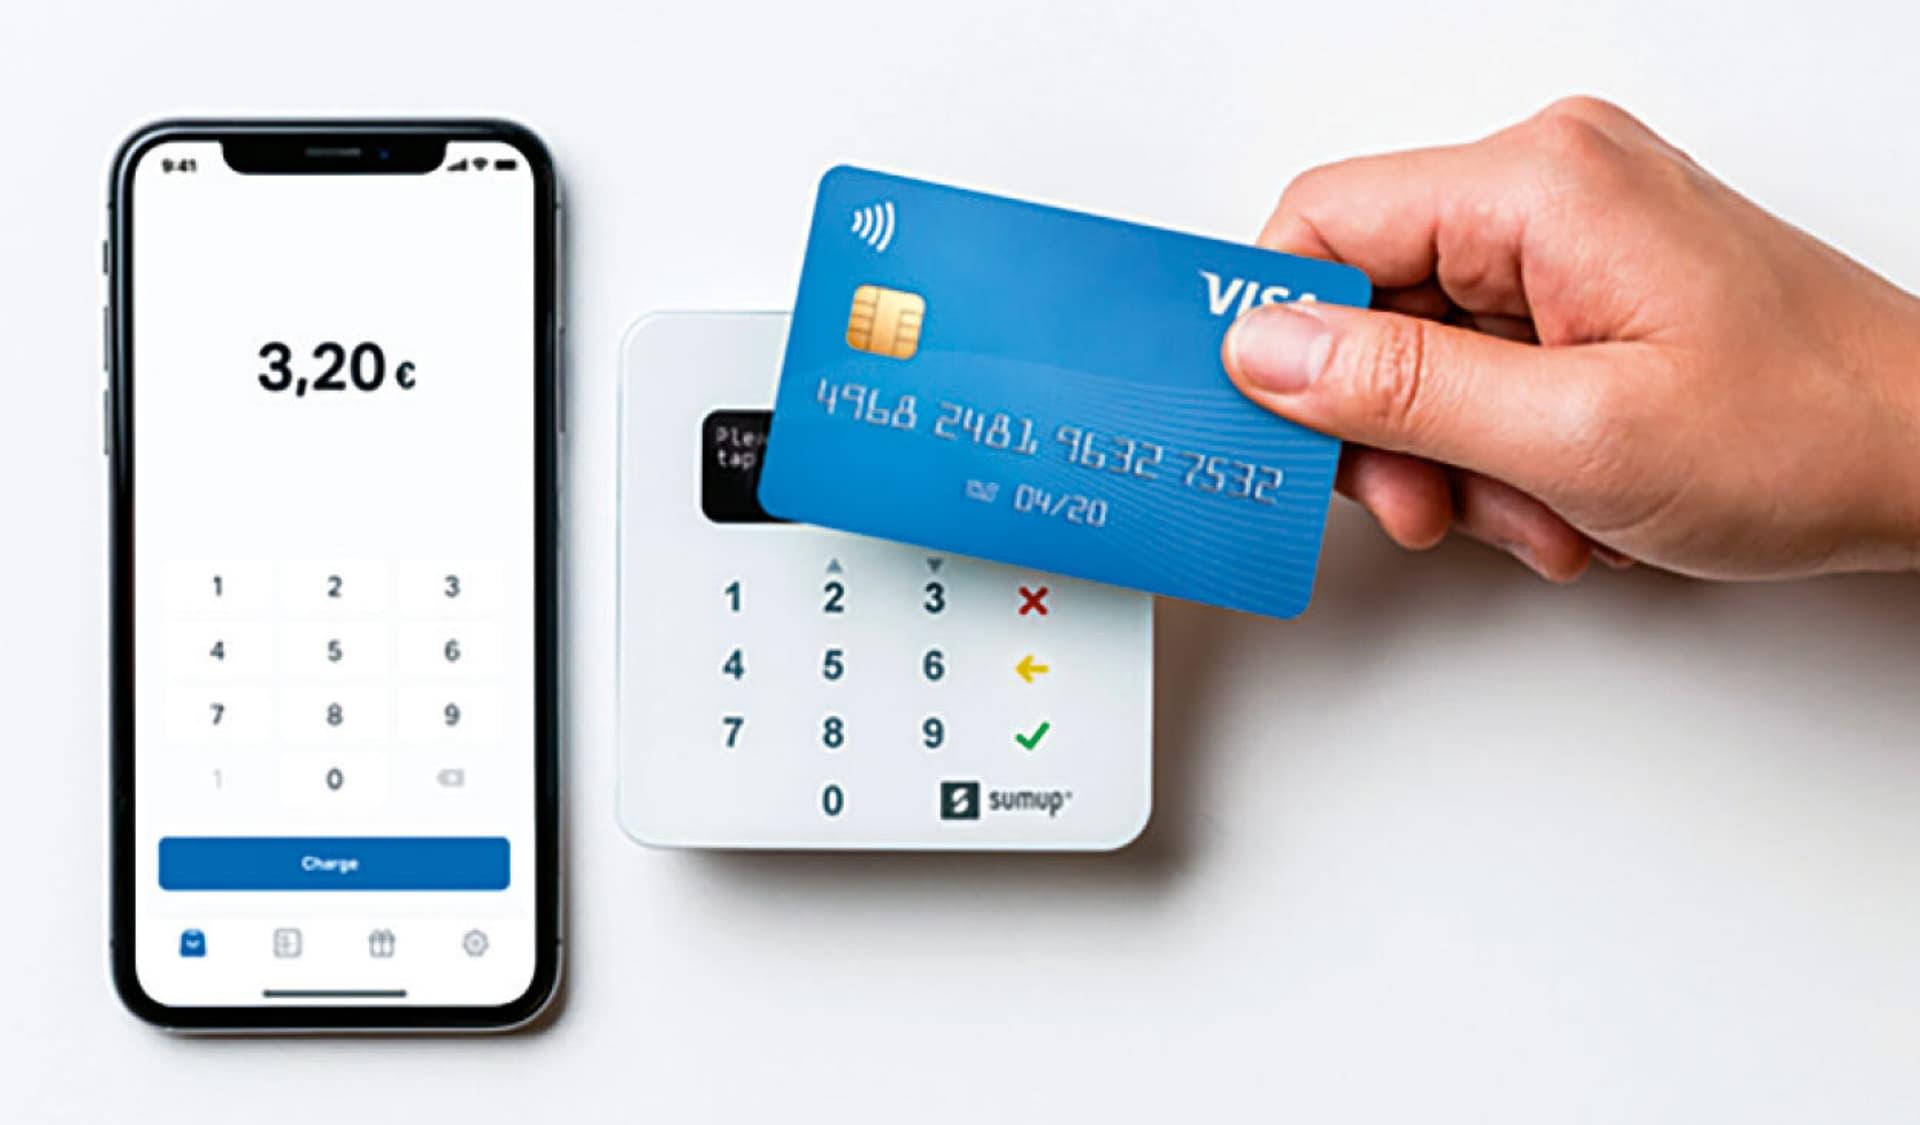 Kartenzahlungen mit dem SMartphone abwickeln